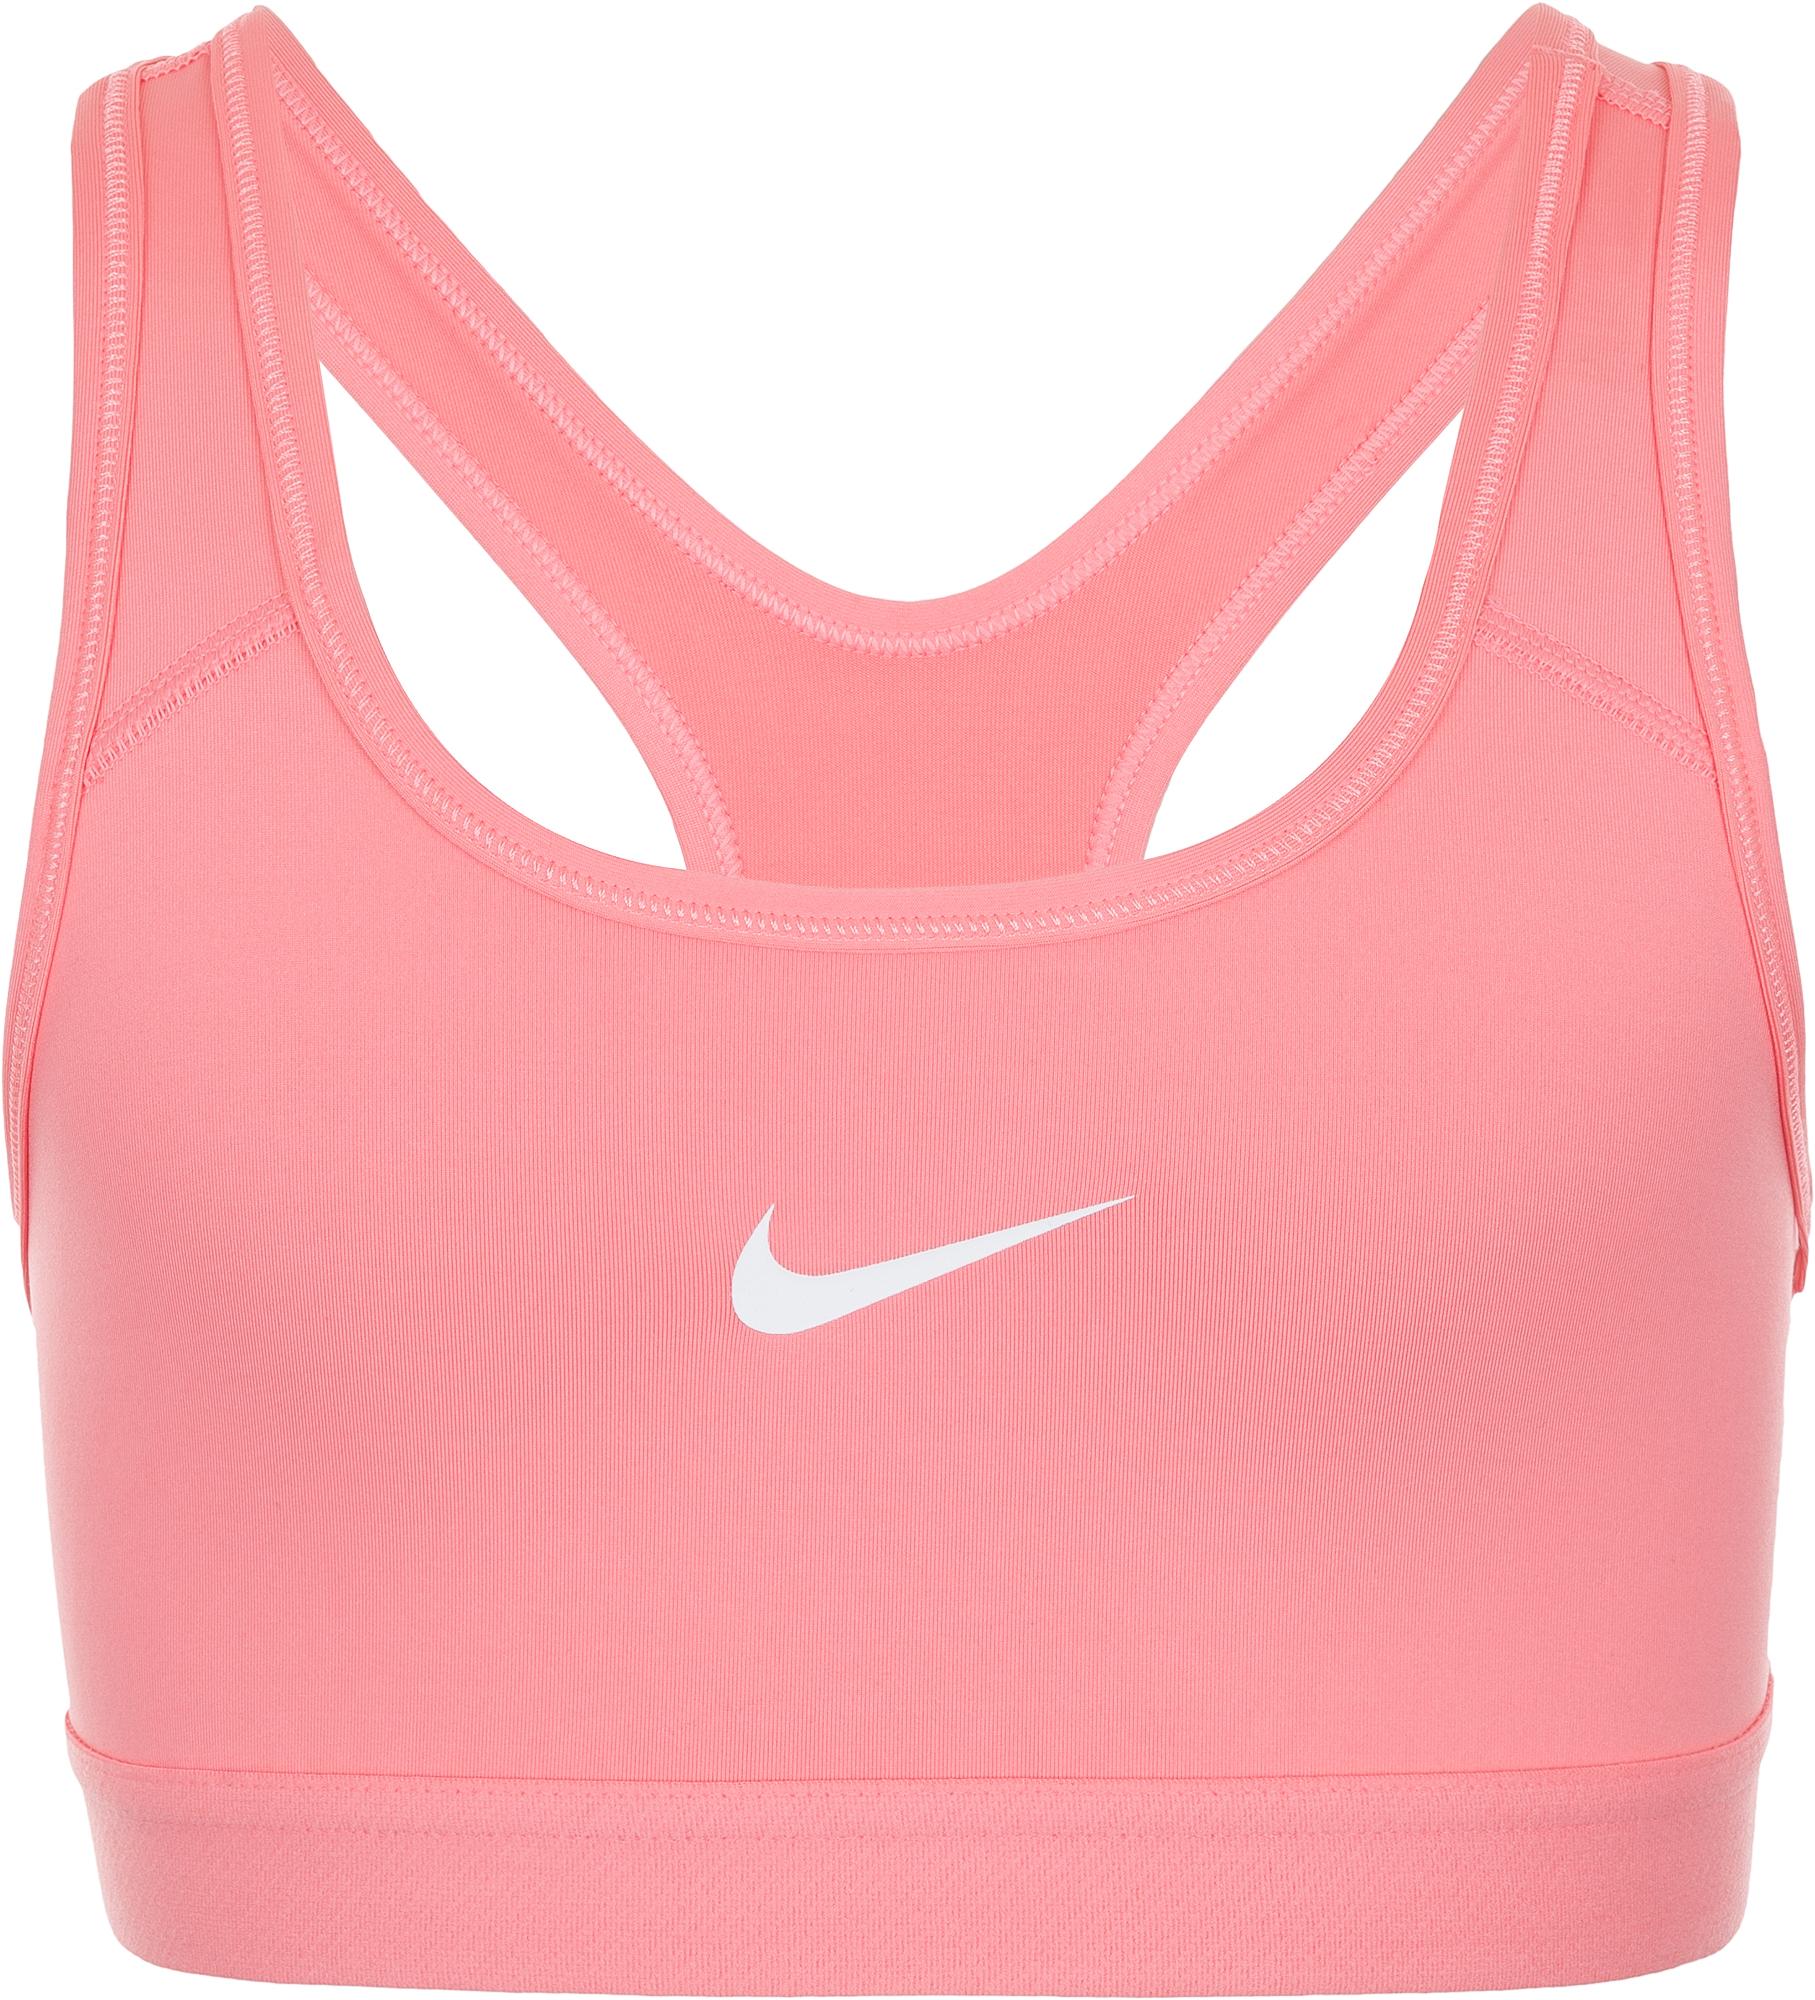 Nike Спортивный топ бра Pro Classic, размер 146-156